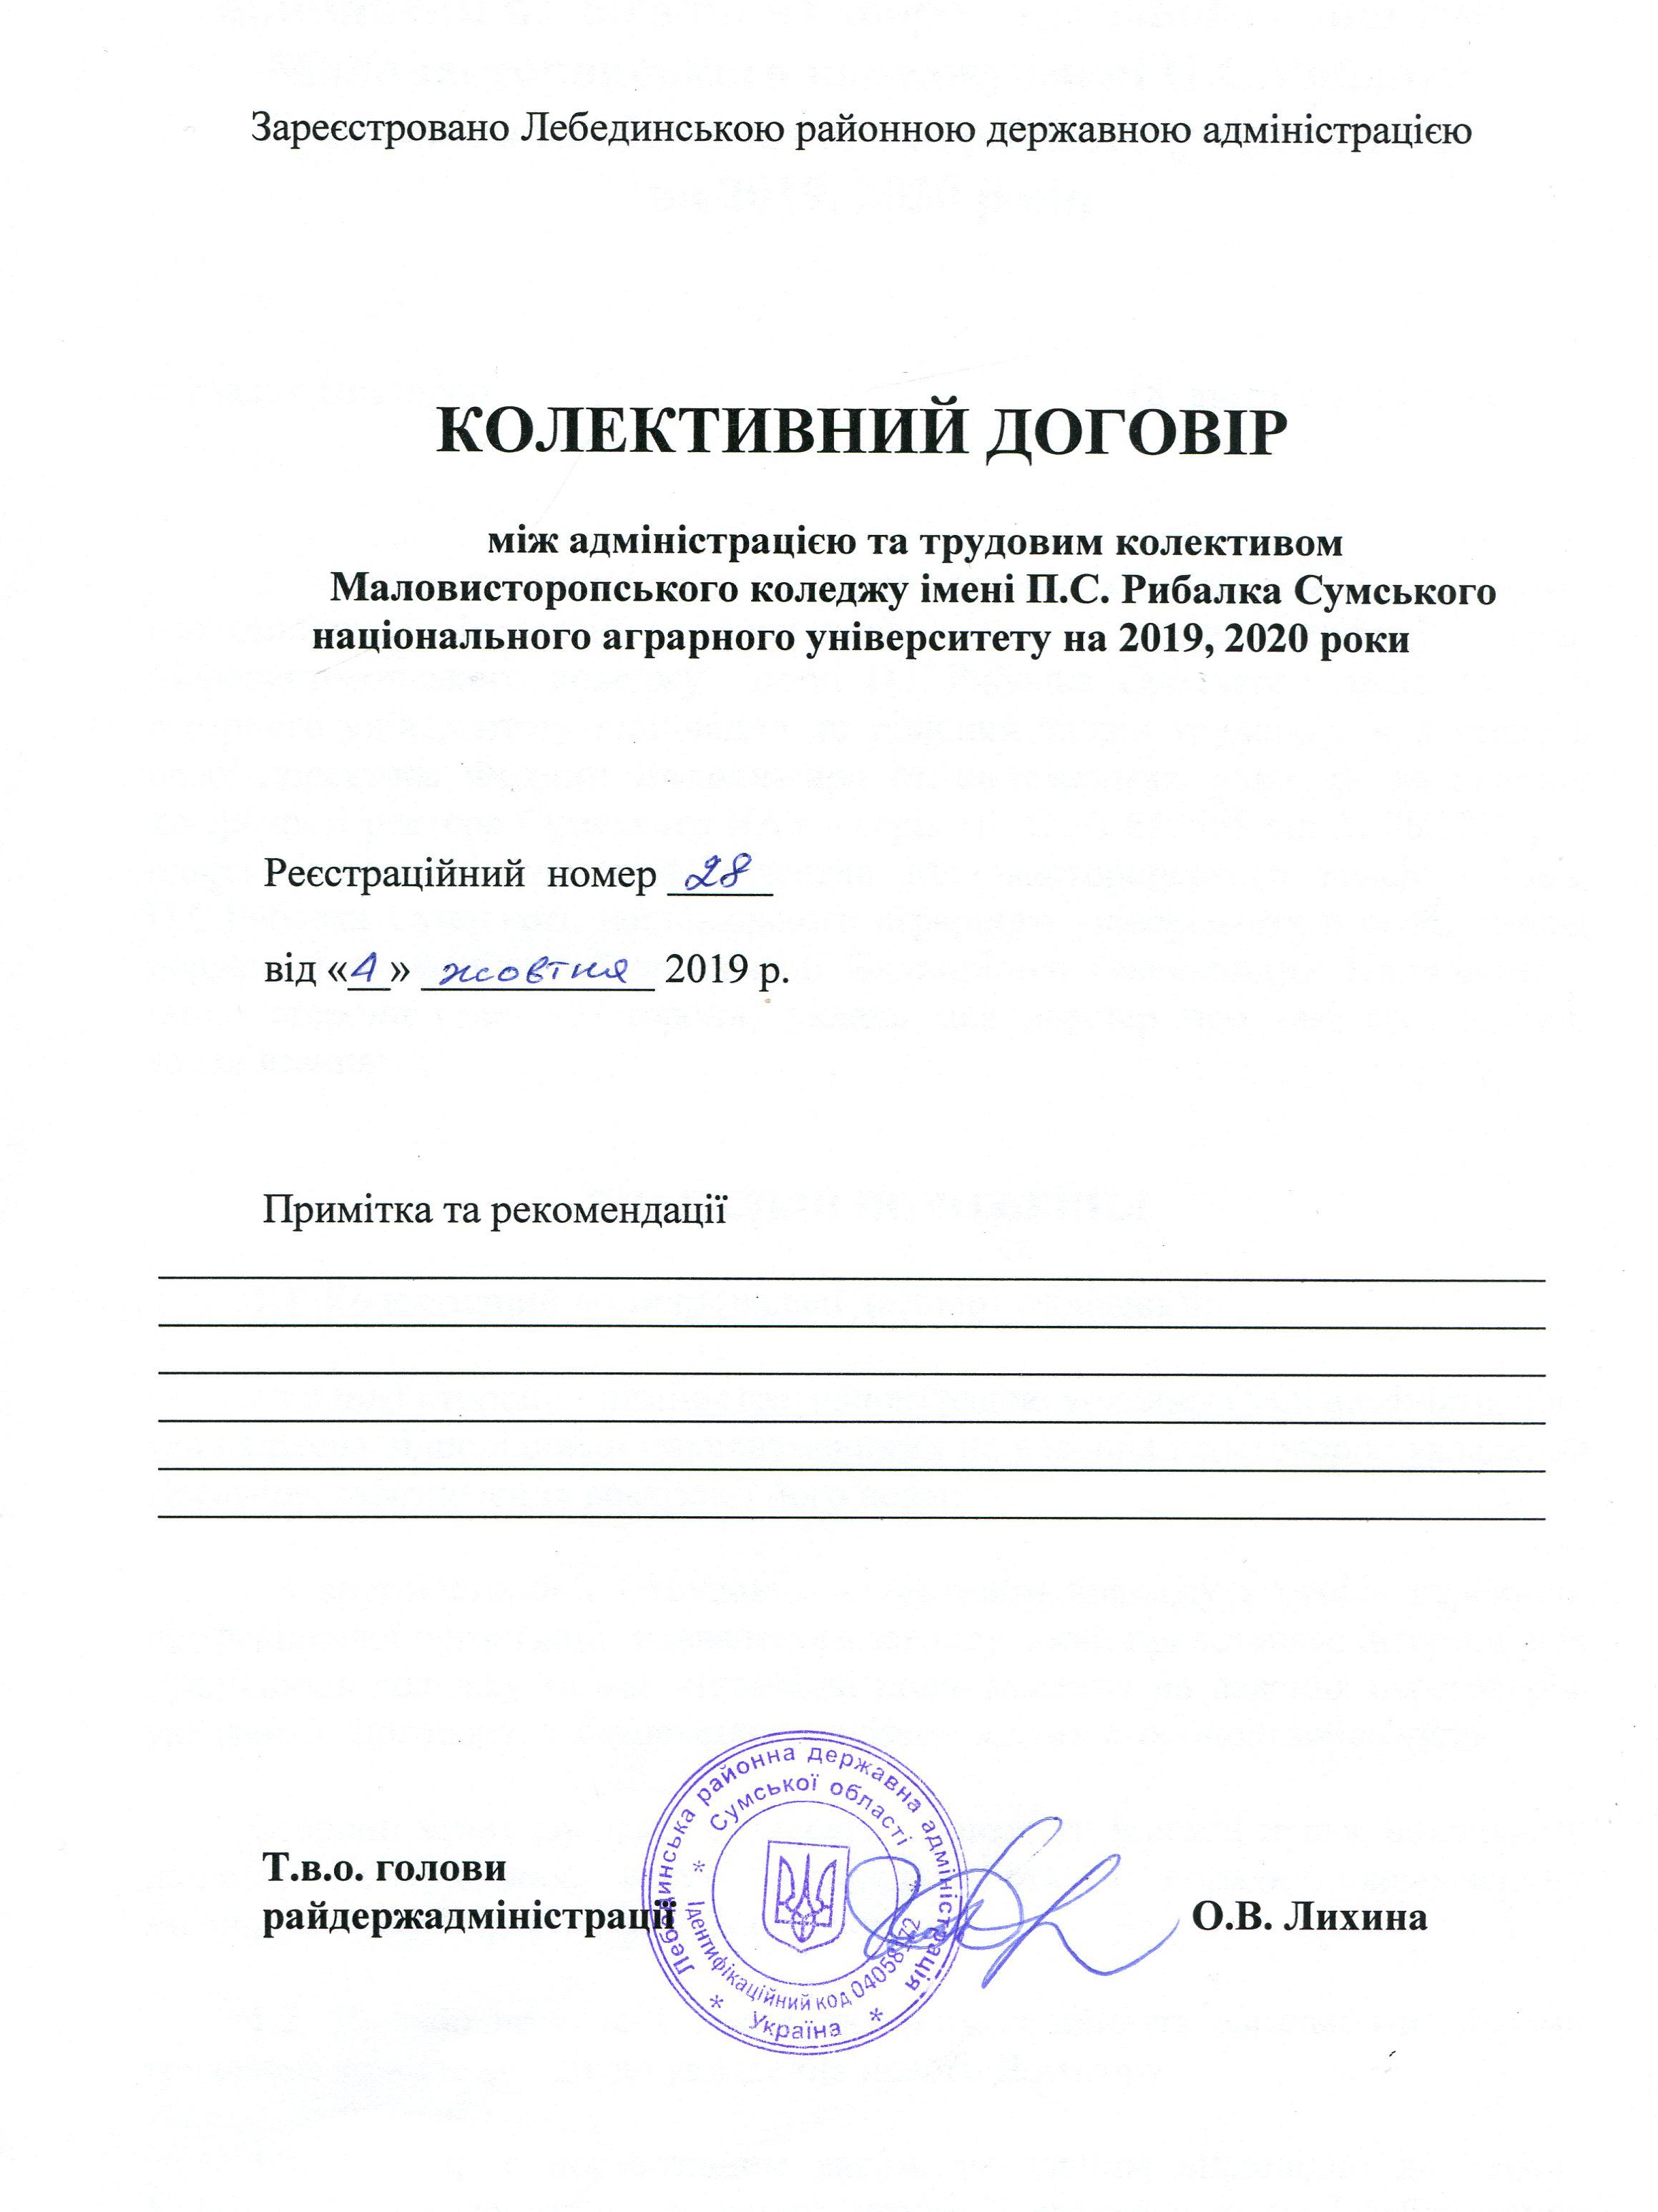 Колективний договір 2019-2020